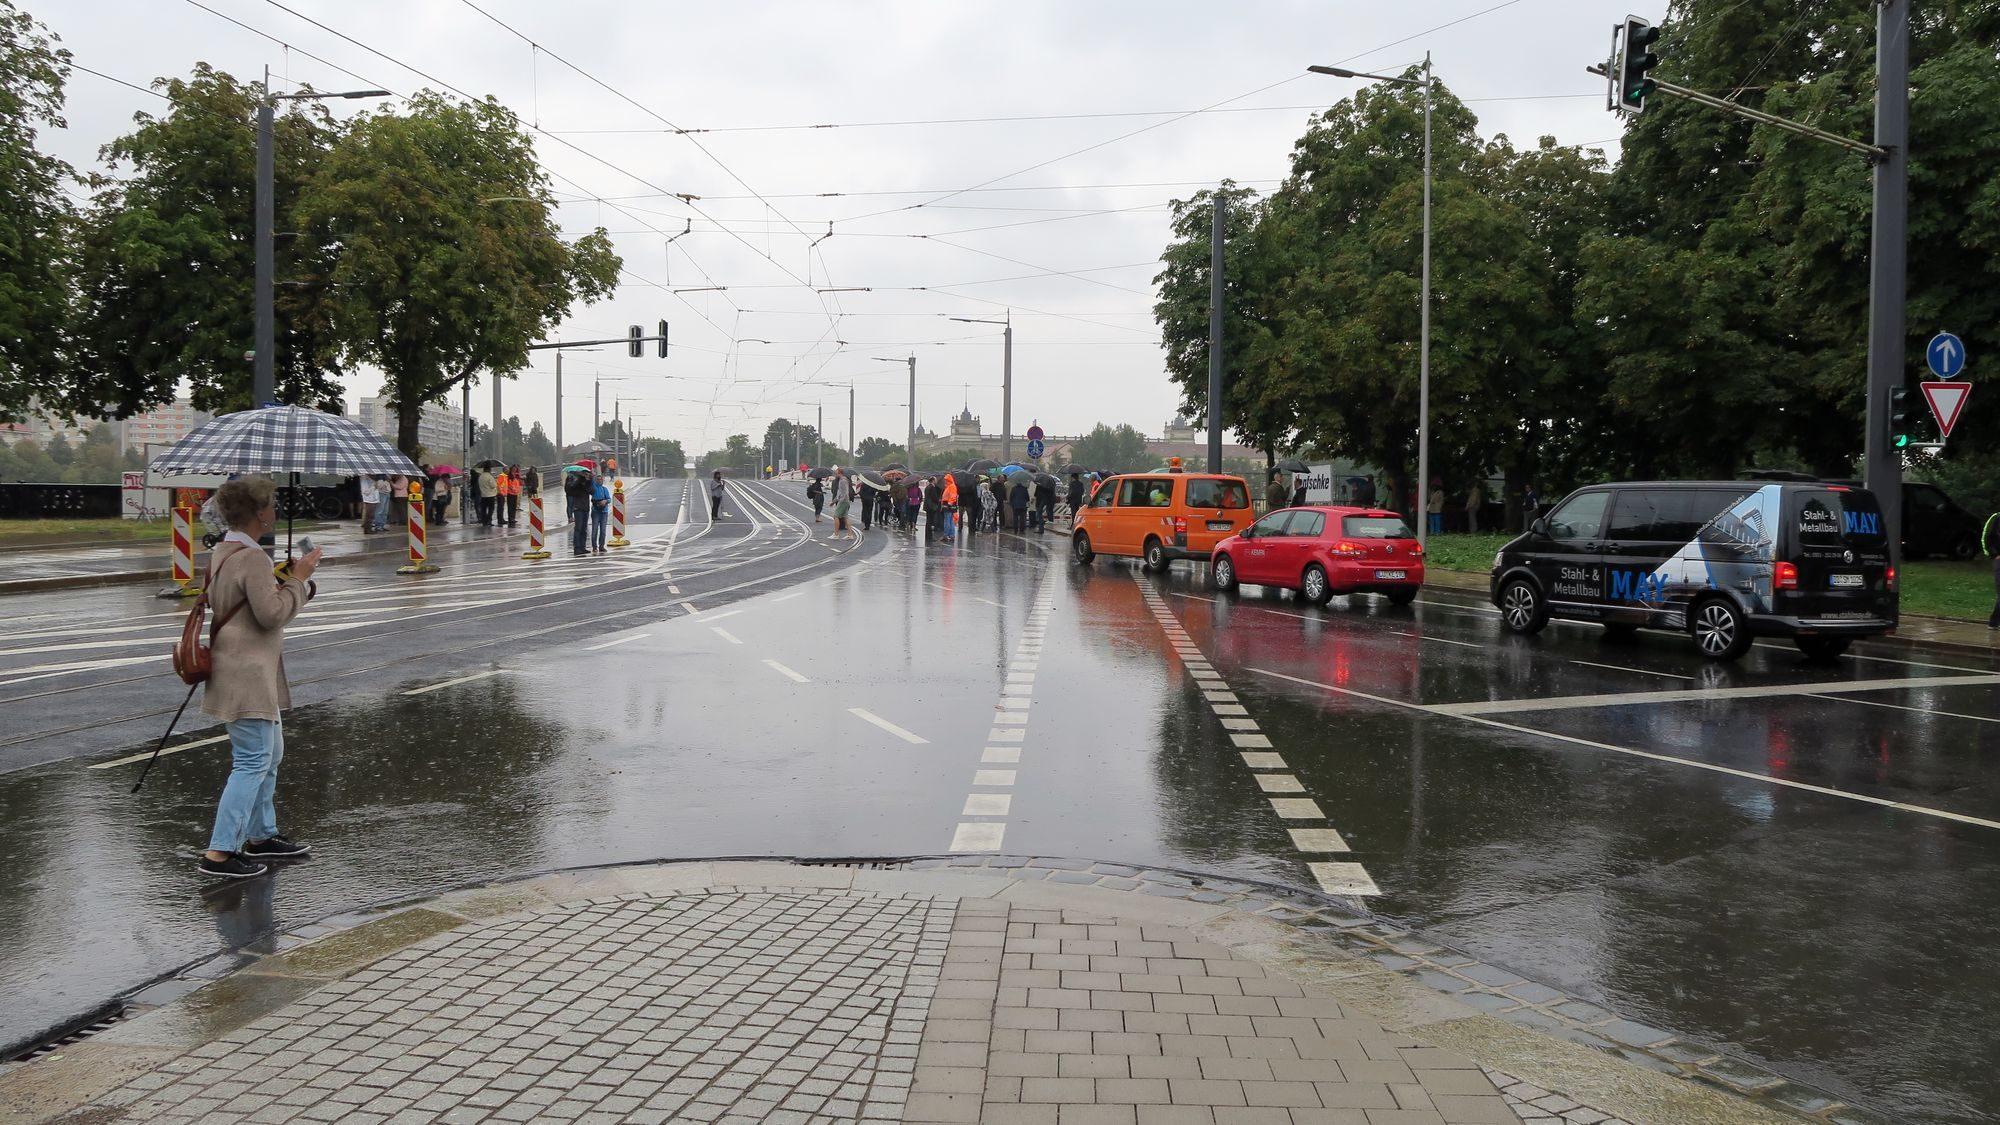 Erster Stau schon kurz nach der Wiedereröffnung, weil die Eröffnungsfeiernden noch den Fahrstreifen blockieren.